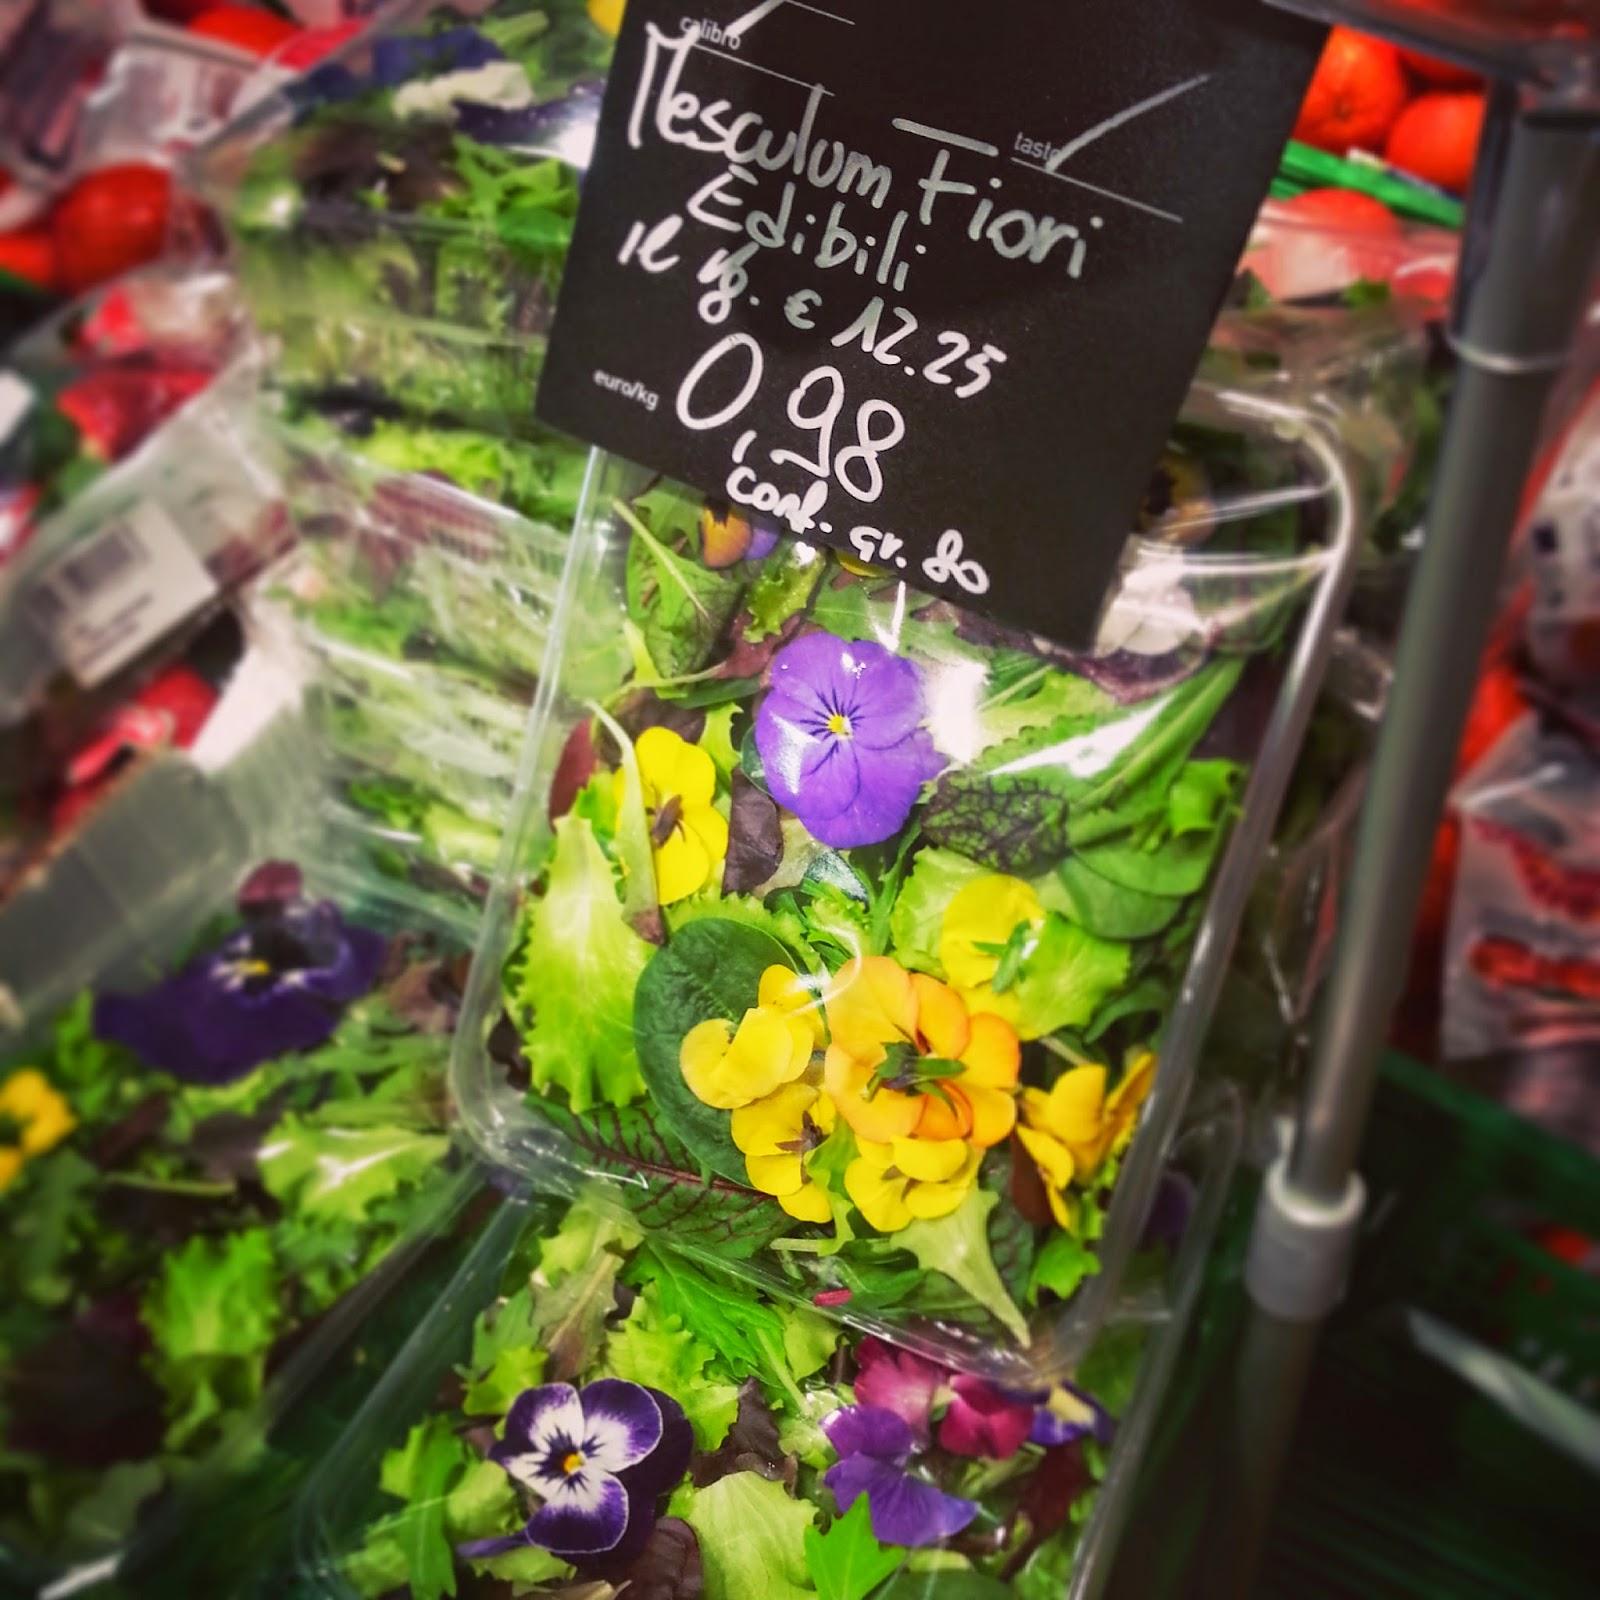 Coniglio giallo a proposito di fiori edibili for Fiori edibili